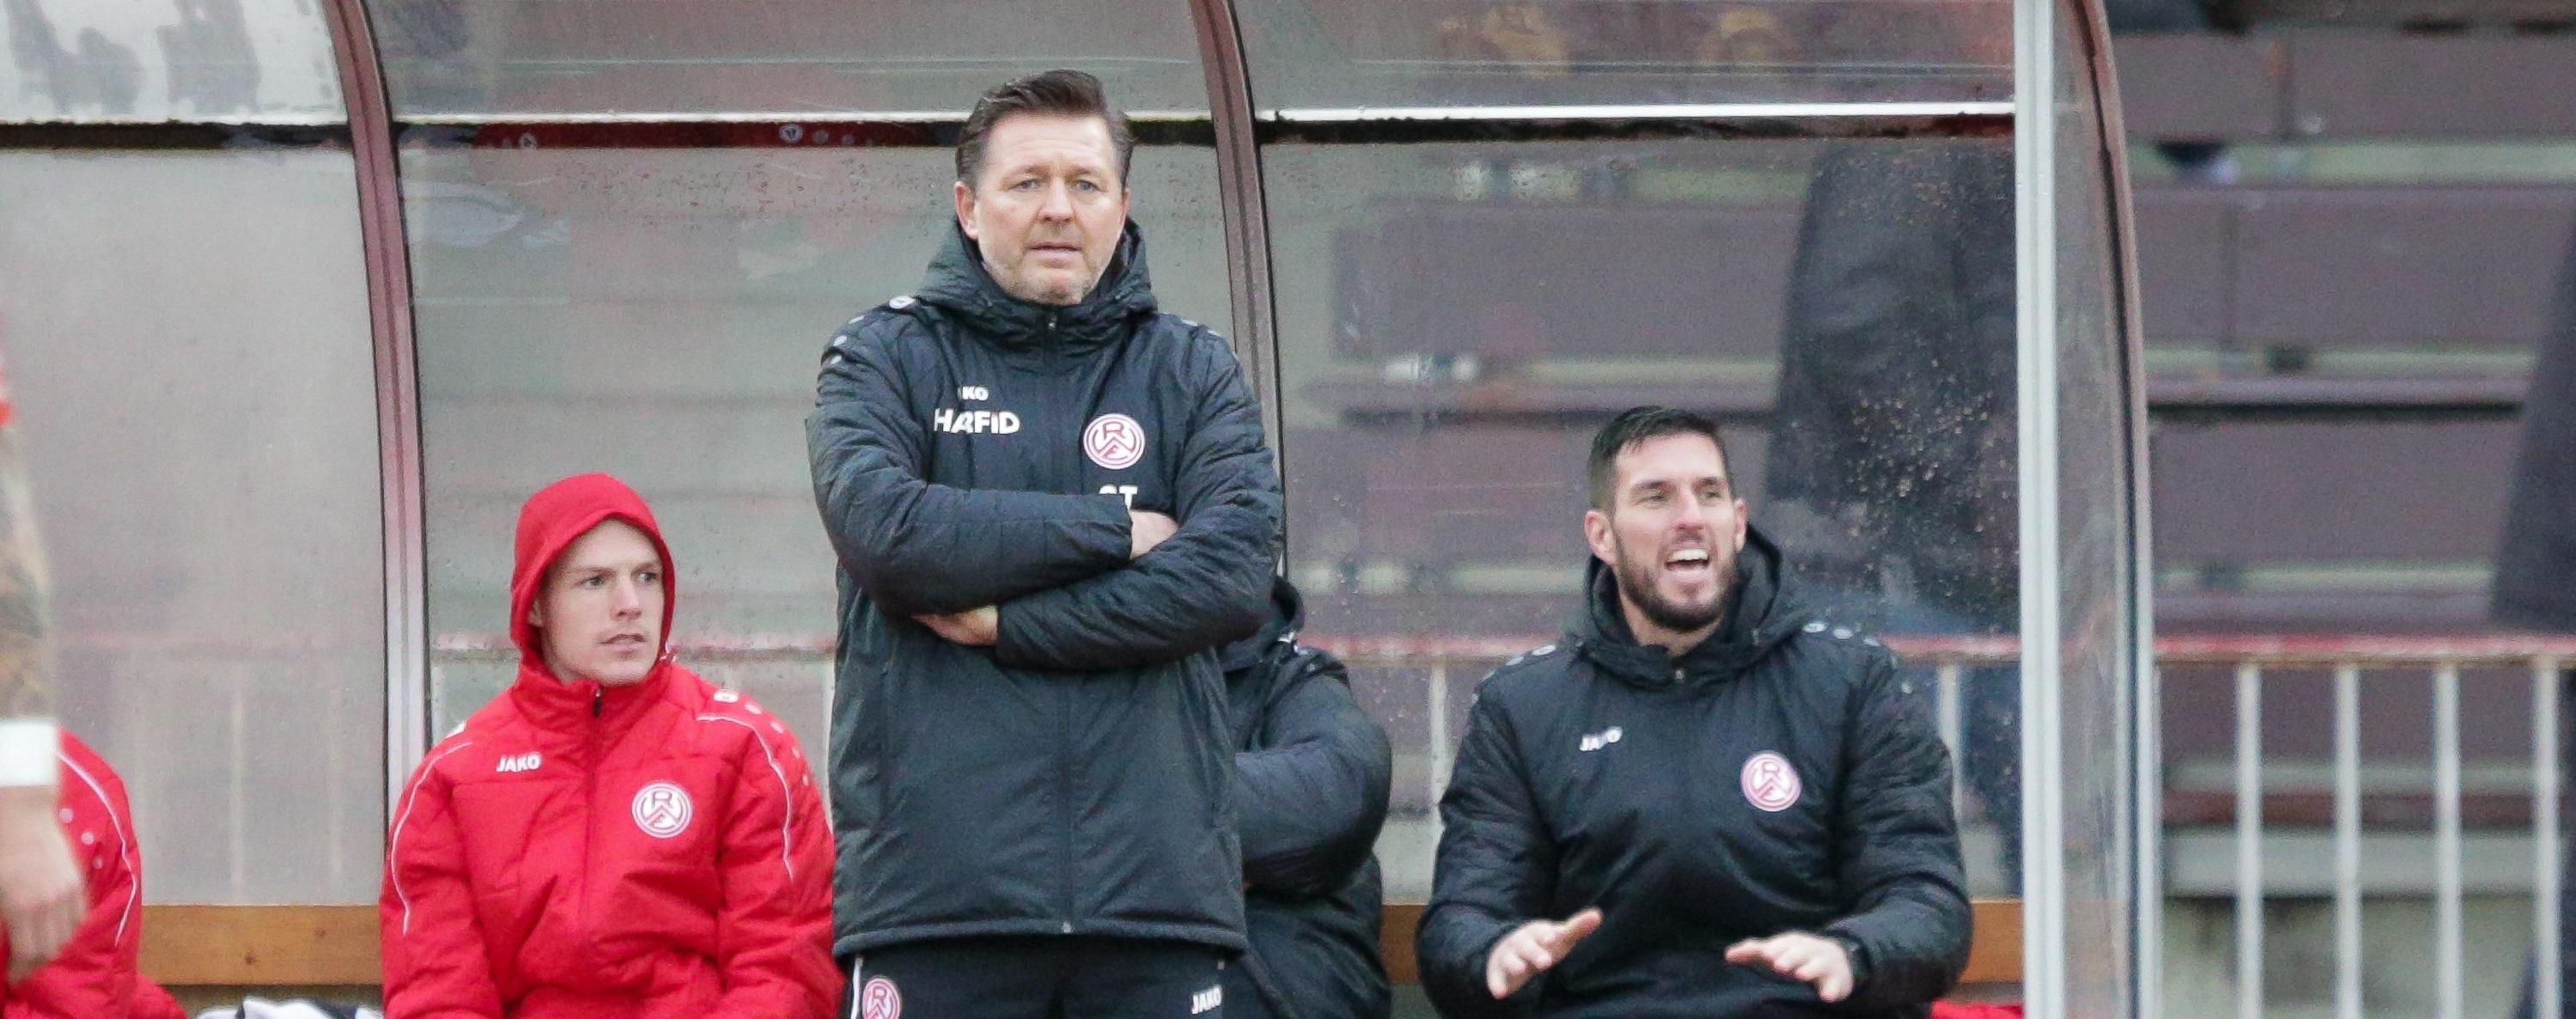 Morgen spielt Rot-Weiss Essen gegen die U21 des 1. FC Köln. (Foto:Endberg)